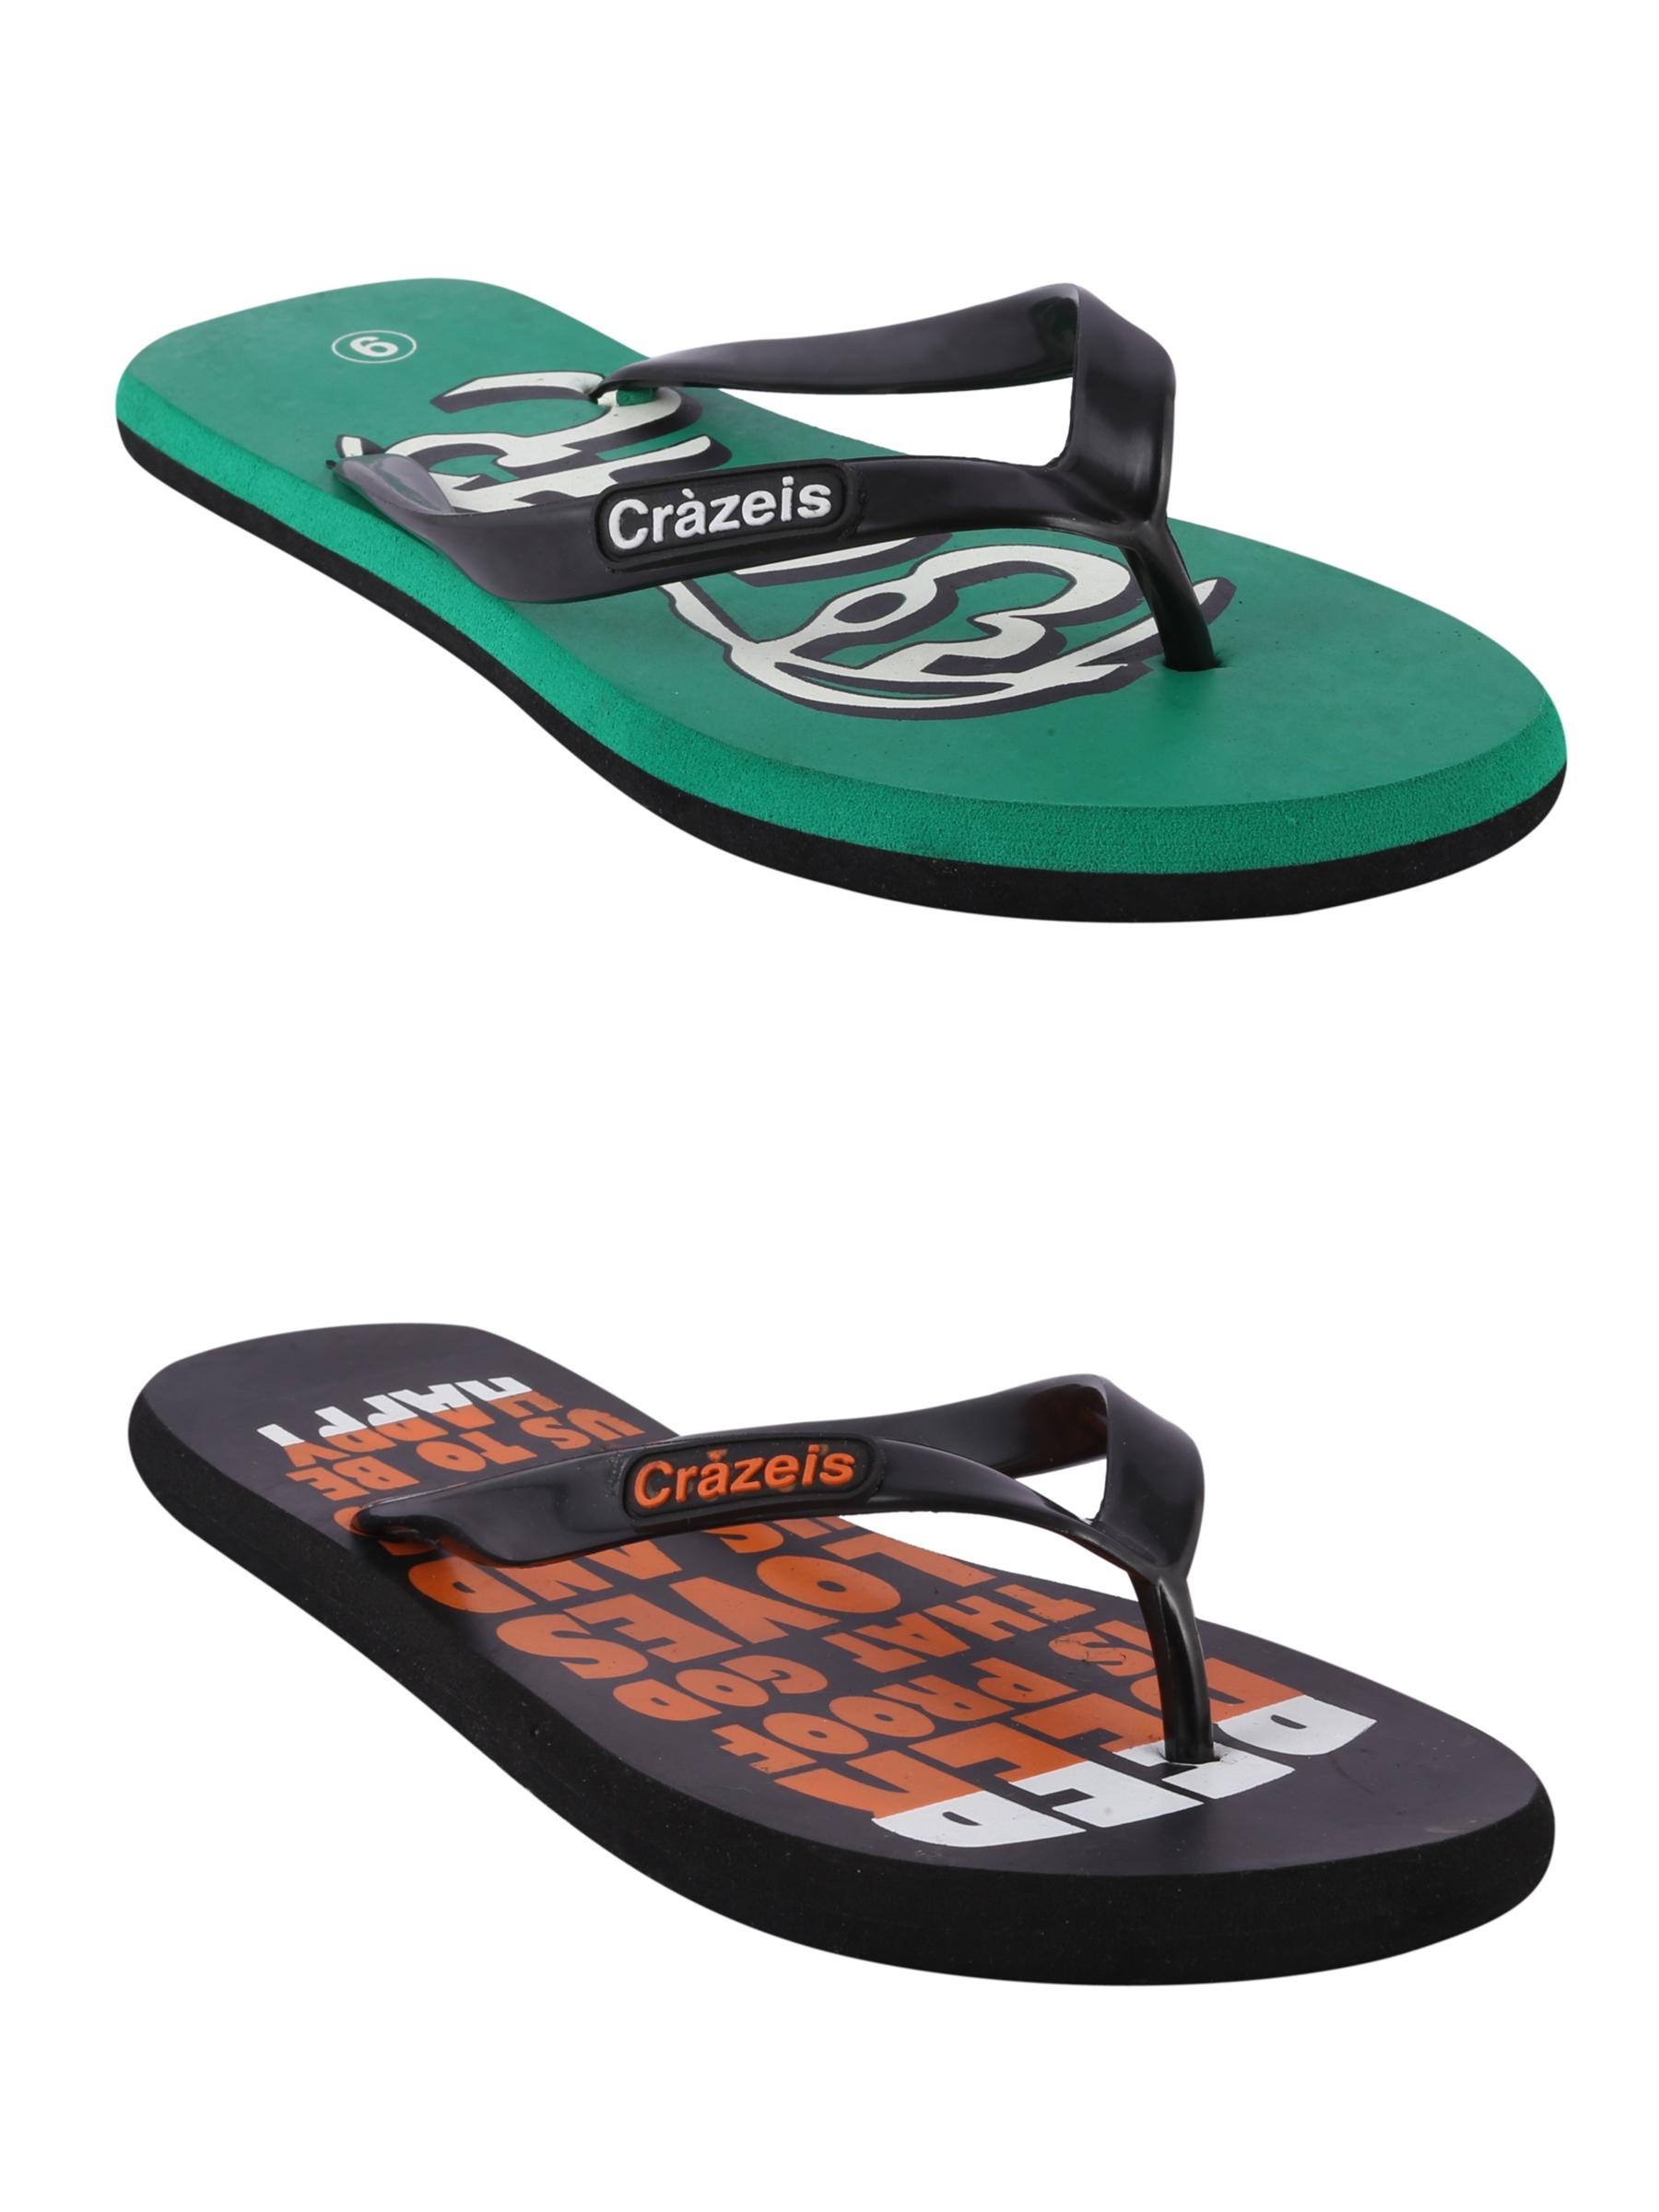 crazeis2 Crazeis Flip-flops Pack Of 2 For Men-018